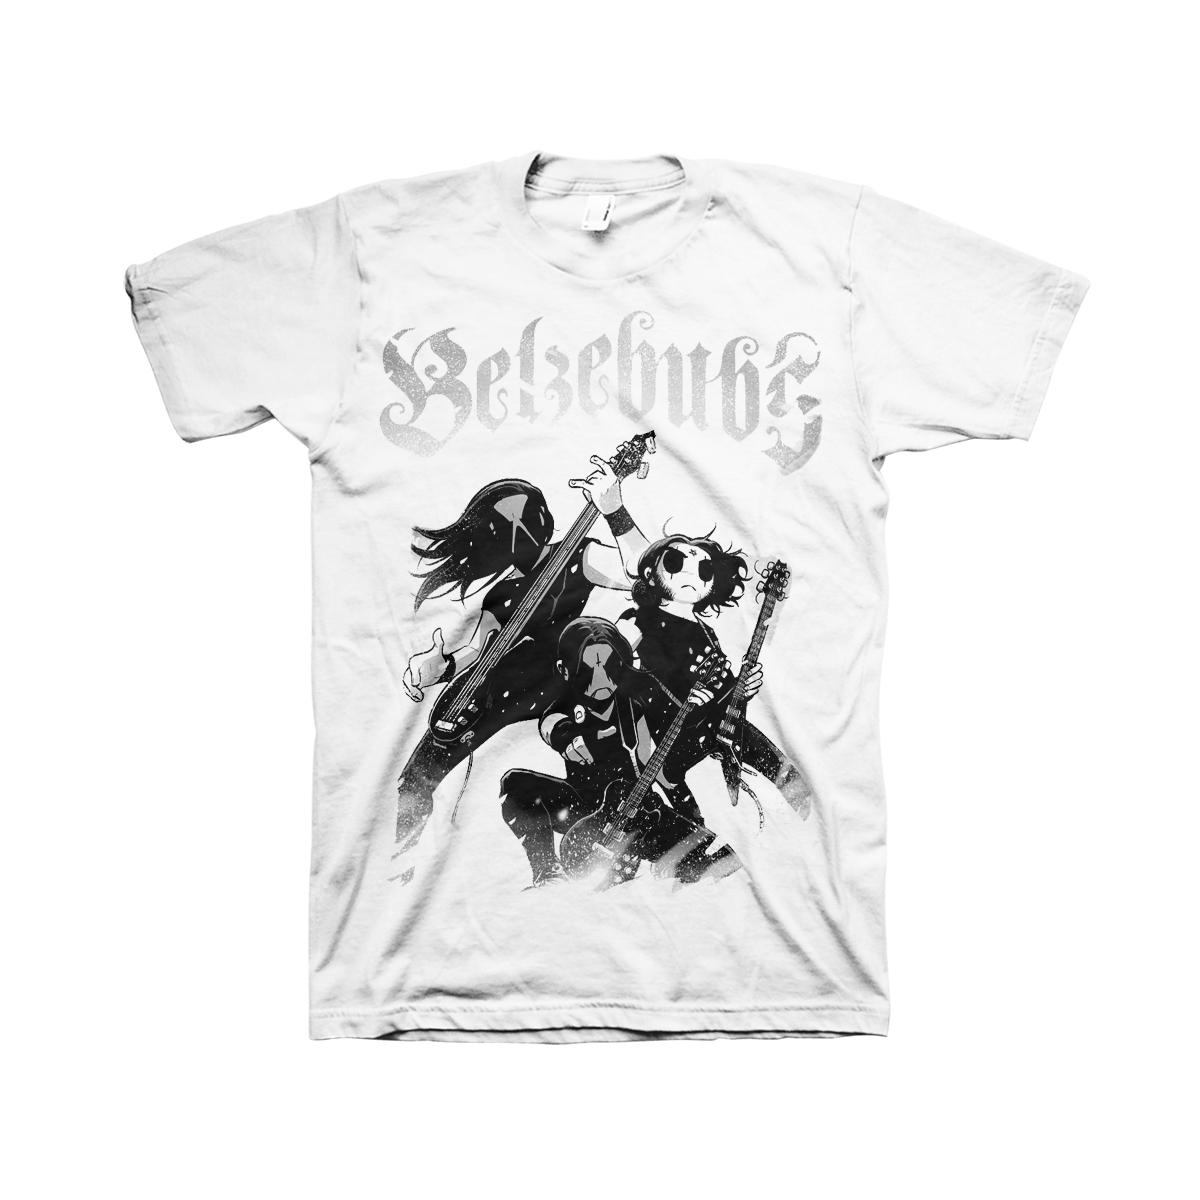 Belzebubs - White T-shirt